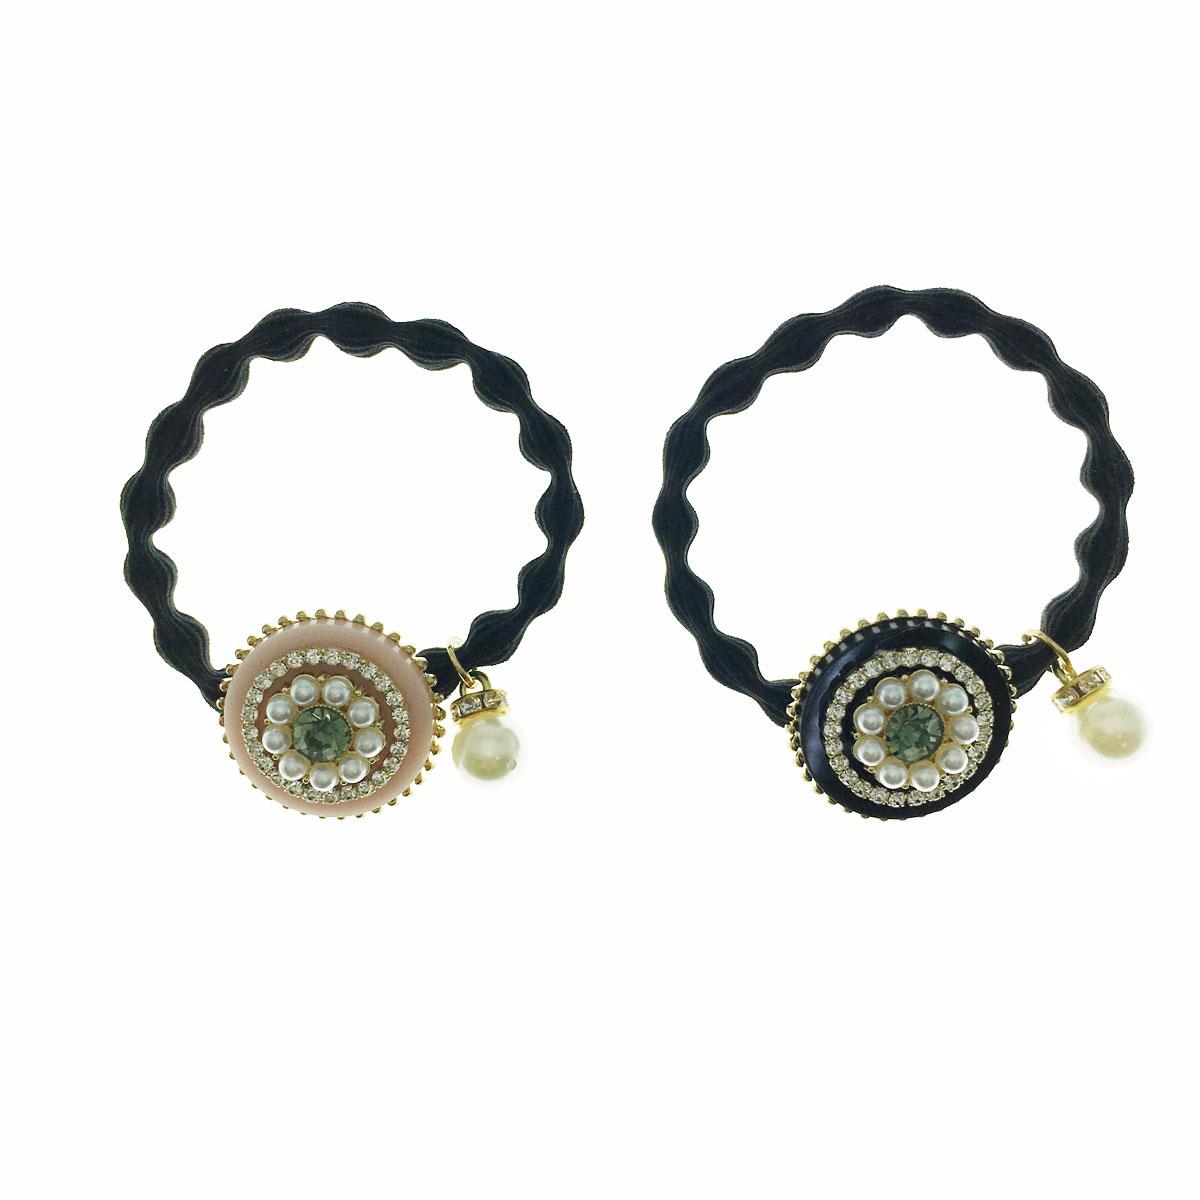 韓國 珍珠 水鑽 金邊 兩色 髮束 髮飾